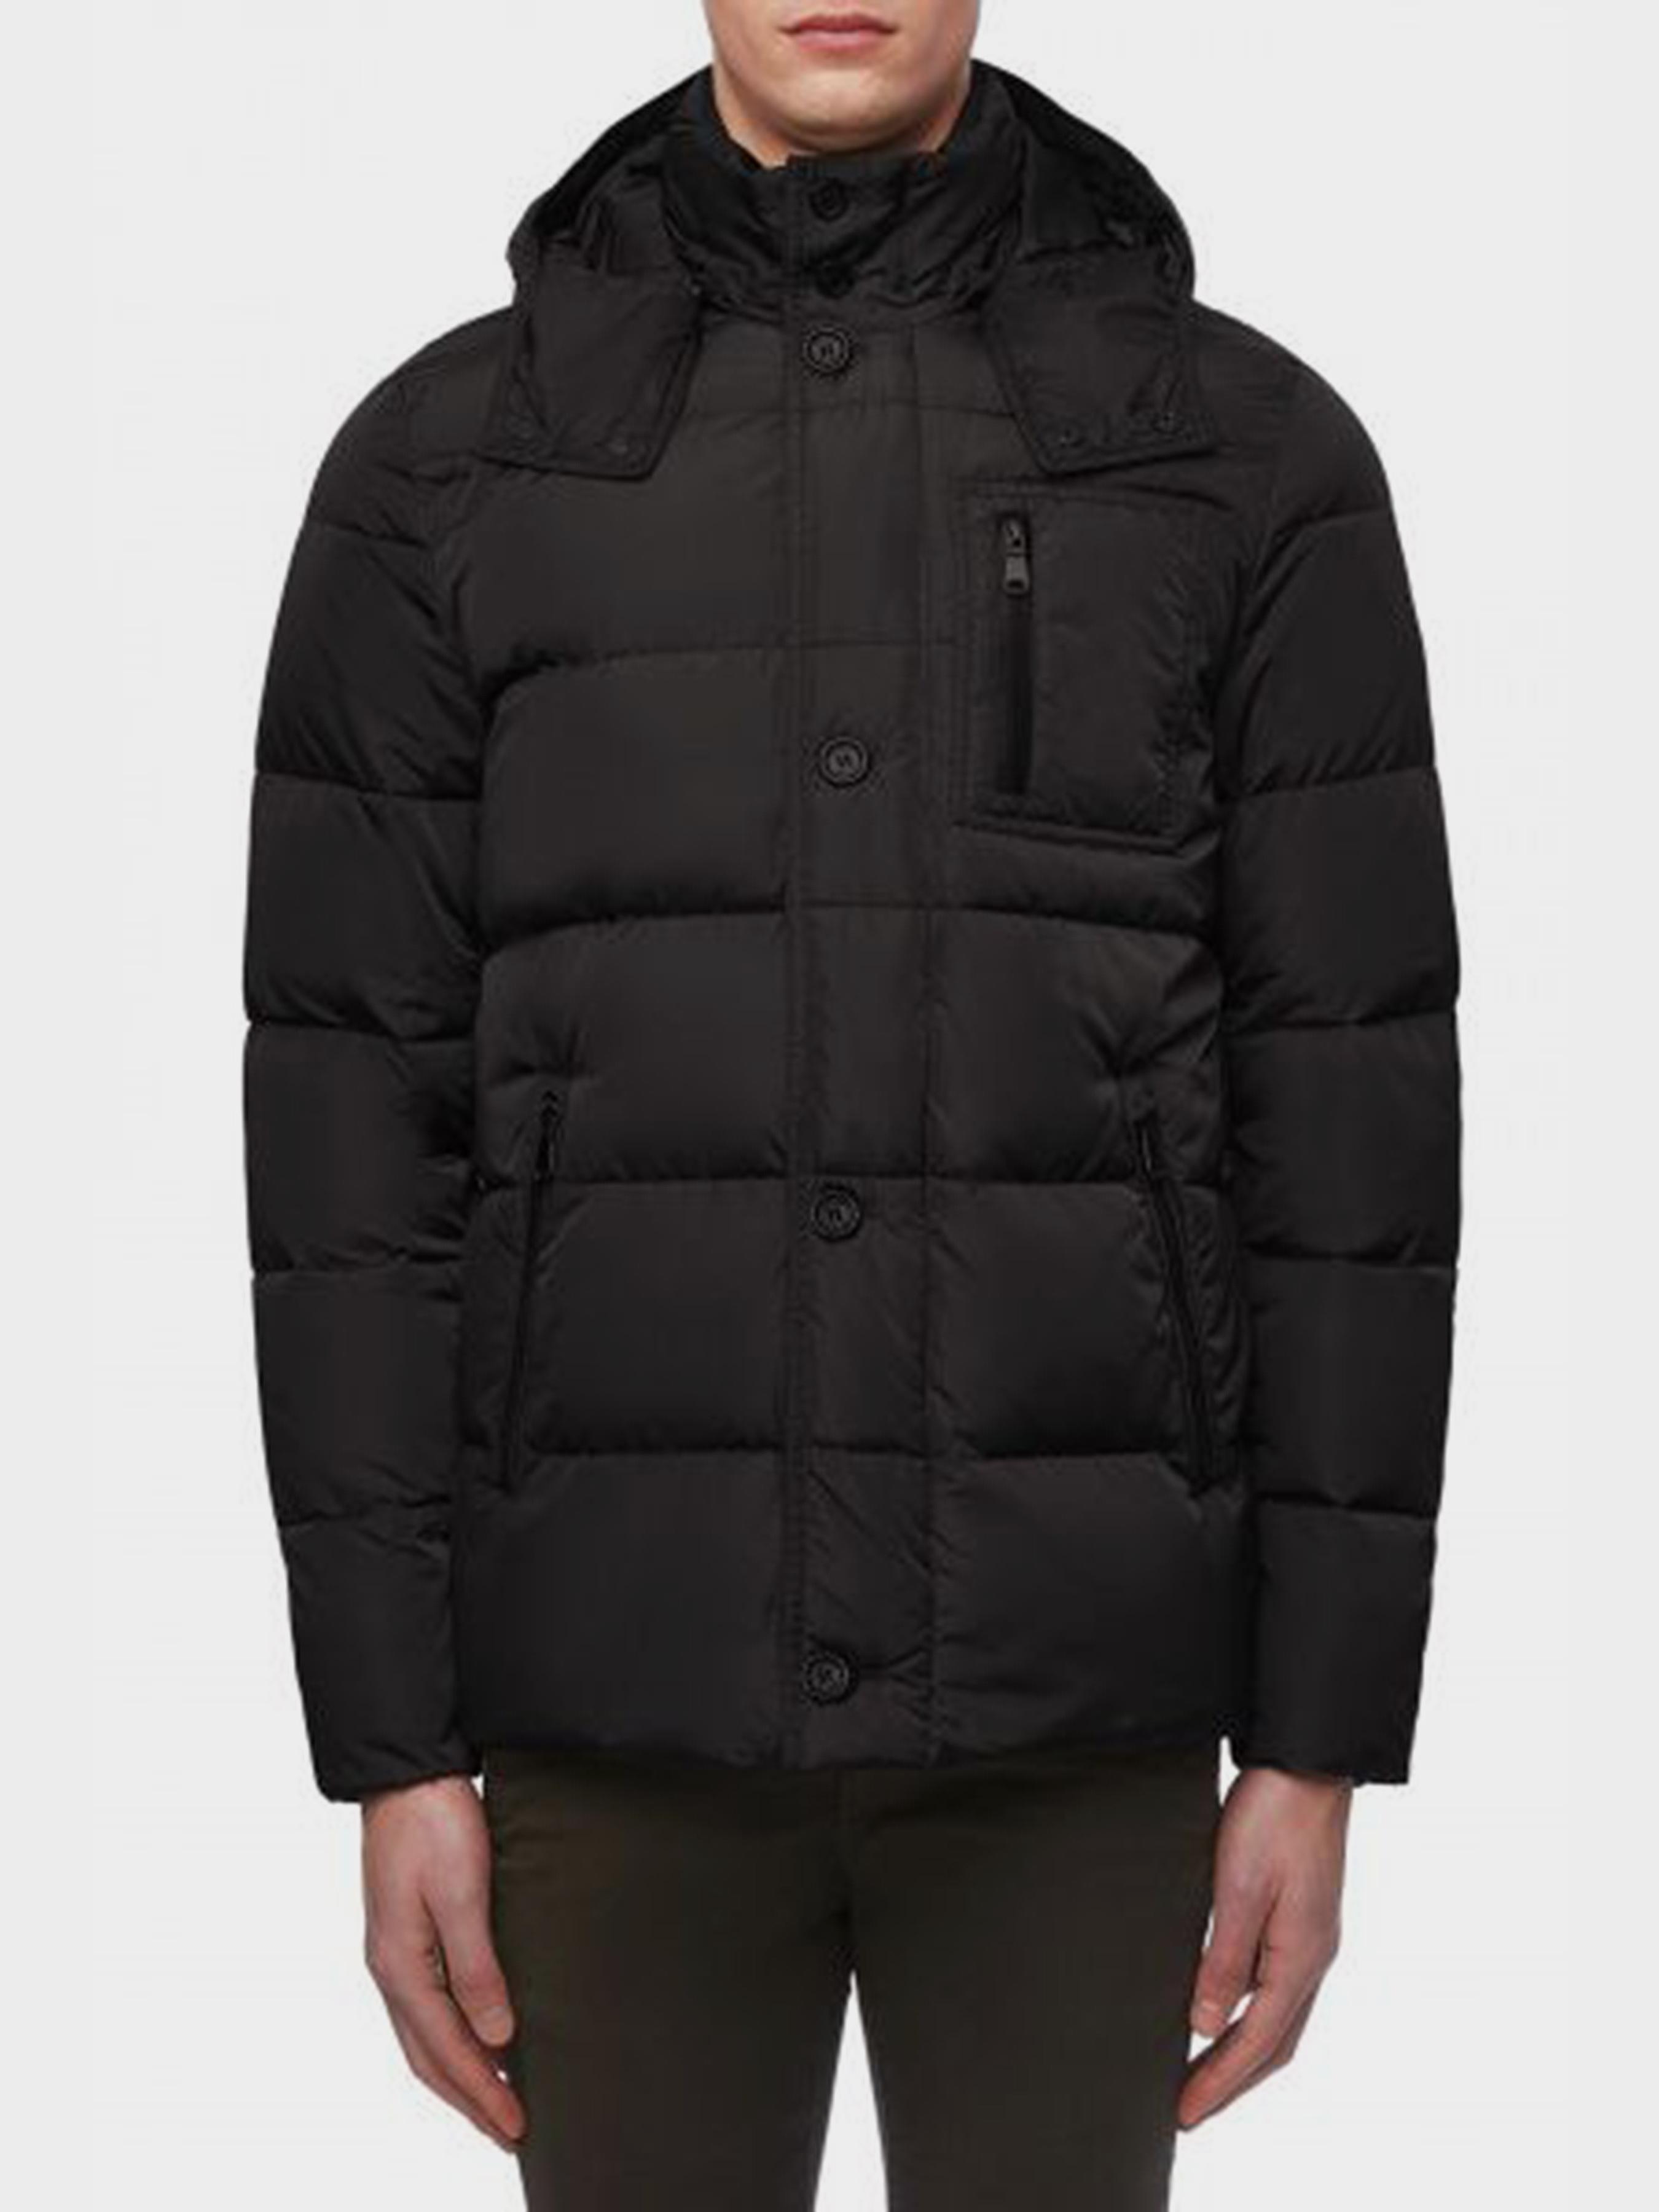 Пальто пуховое мужское Geox модель XA5984 - купить по лучшей цене в ... 7e086d486d864